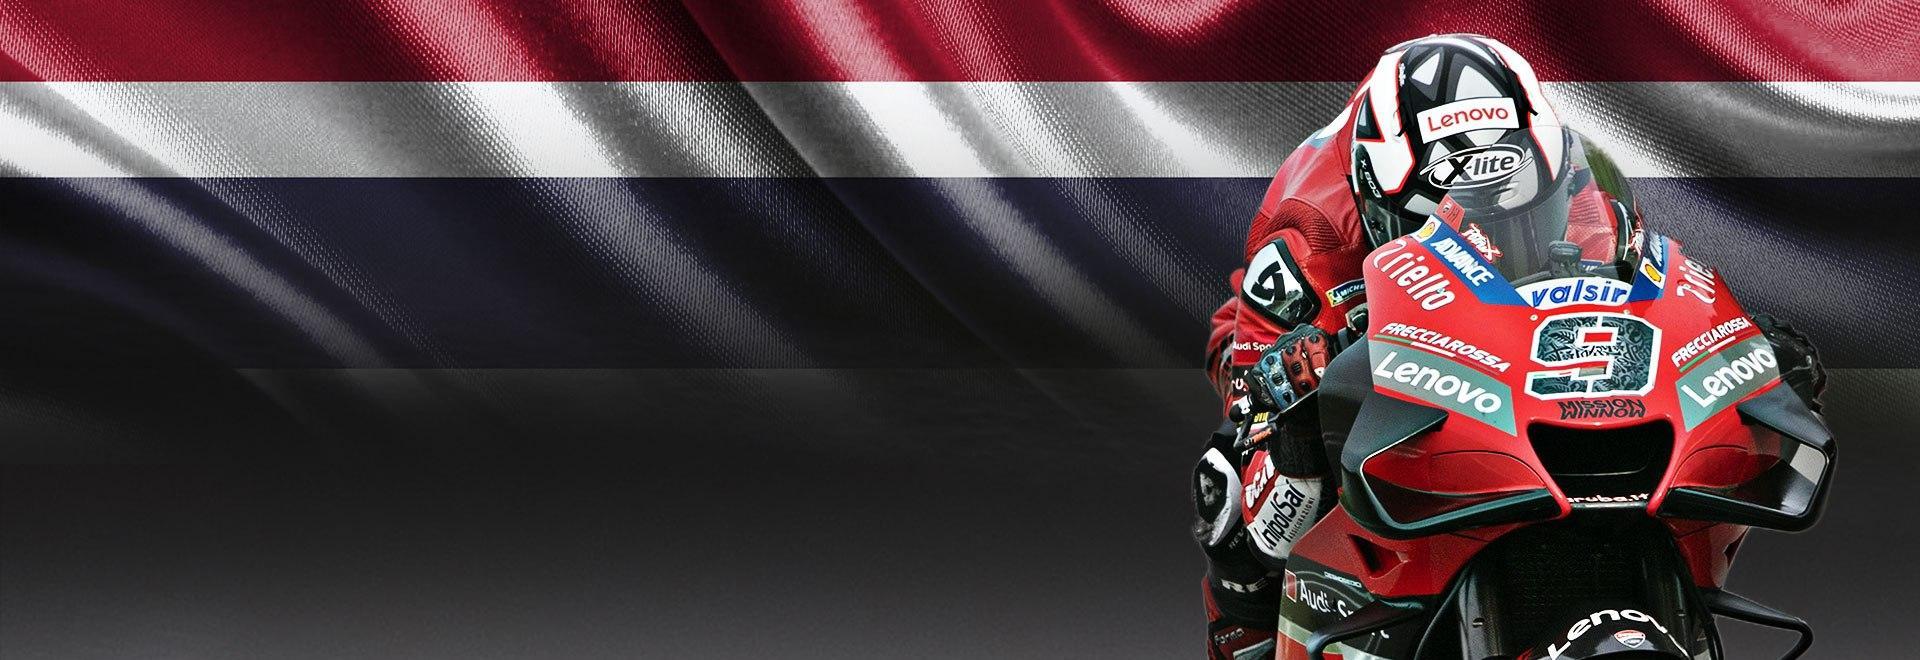 GP Thailandia. PL 4